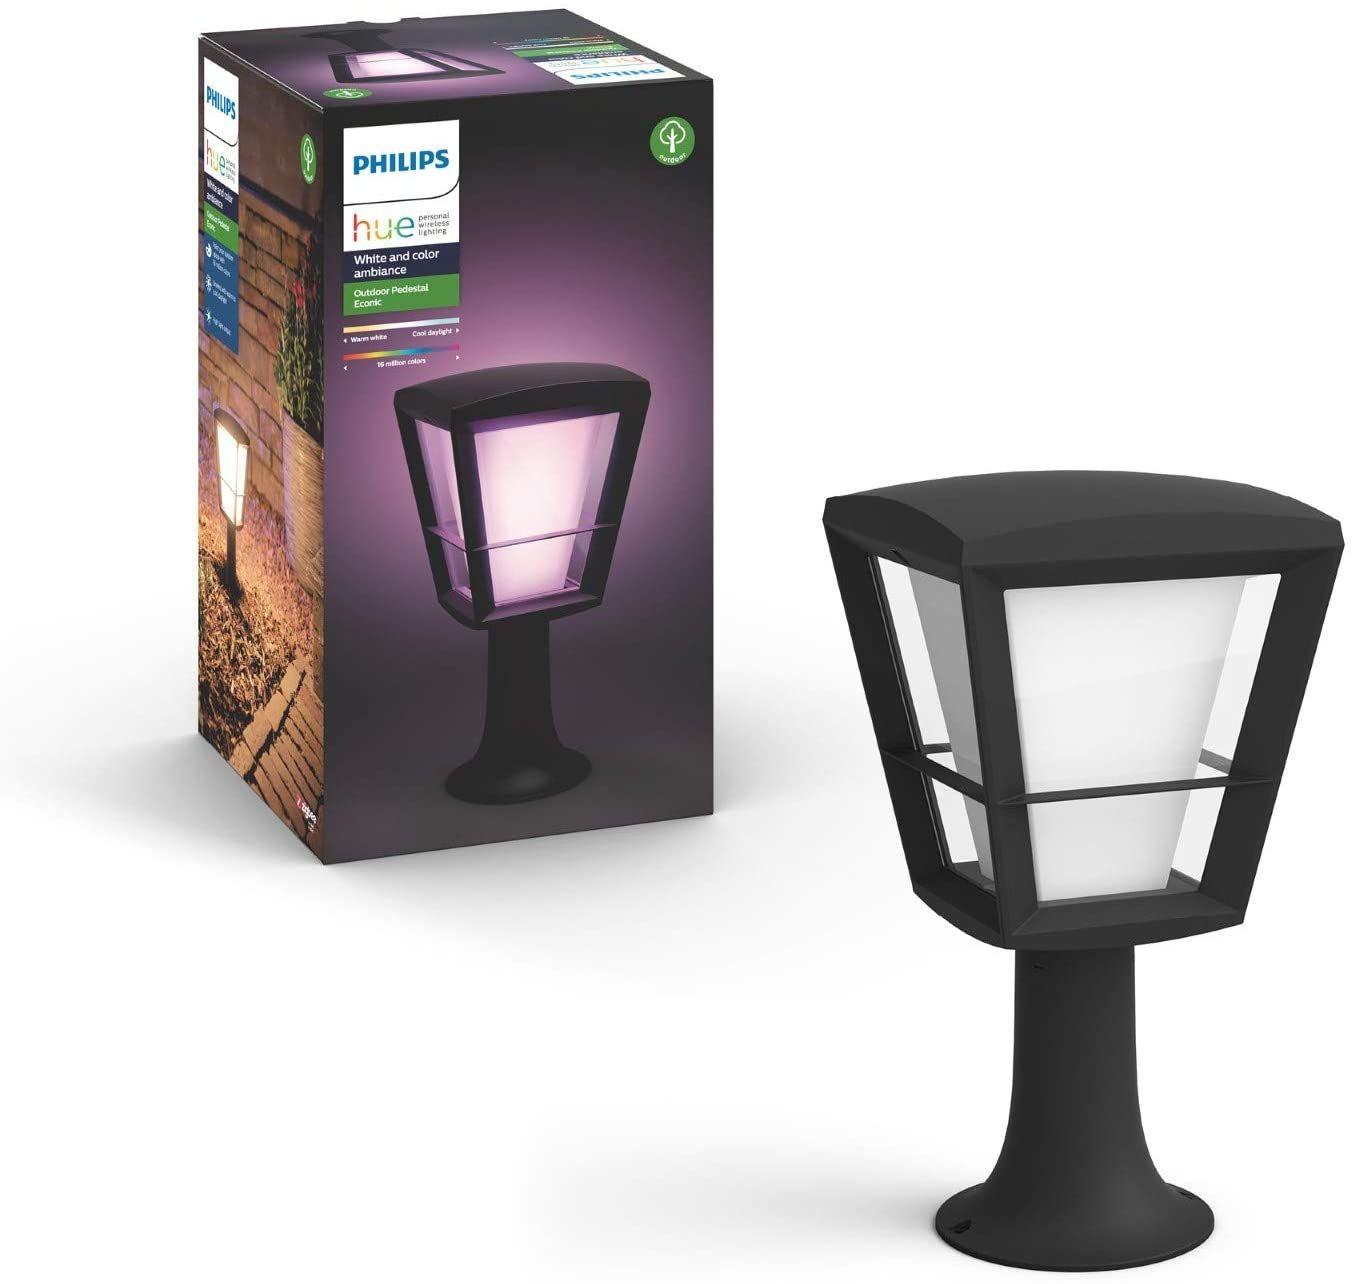 [Amazon ES] Philips Hue 3 für 2 Aktion - 3 x Econic Outdoor Sockelleuchte 282,99€   3x Outdoor Lightstrip 2m 214,50€